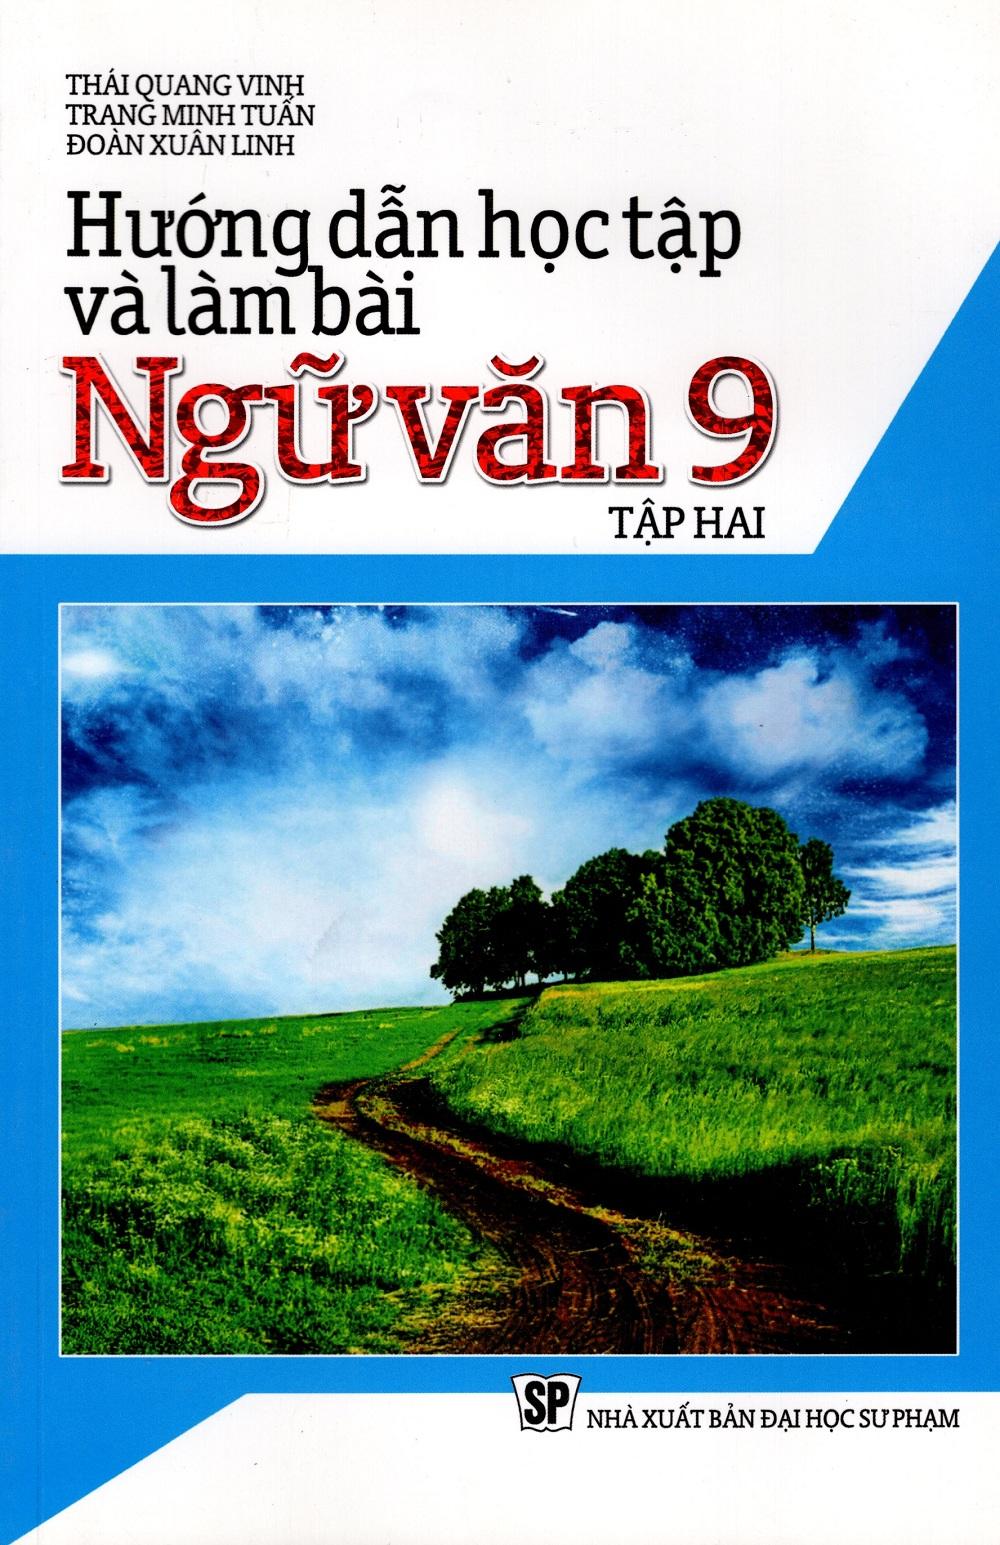 Hướng Dẫn Học Tập Và Làm Bài Ngữ Văn Lớp 9 (Tập Hai) - 8935083562287,62_227843,43000,tiki.vn,Huong-Dan-Hoc-Tap-Va-Lam-Bai-Ngu-Van-Lop-9-Tap-Hai-62_227843,Hướng Dẫn Học Tập Và Làm Bài Ngữ Văn Lớp 9 (Tập Hai)